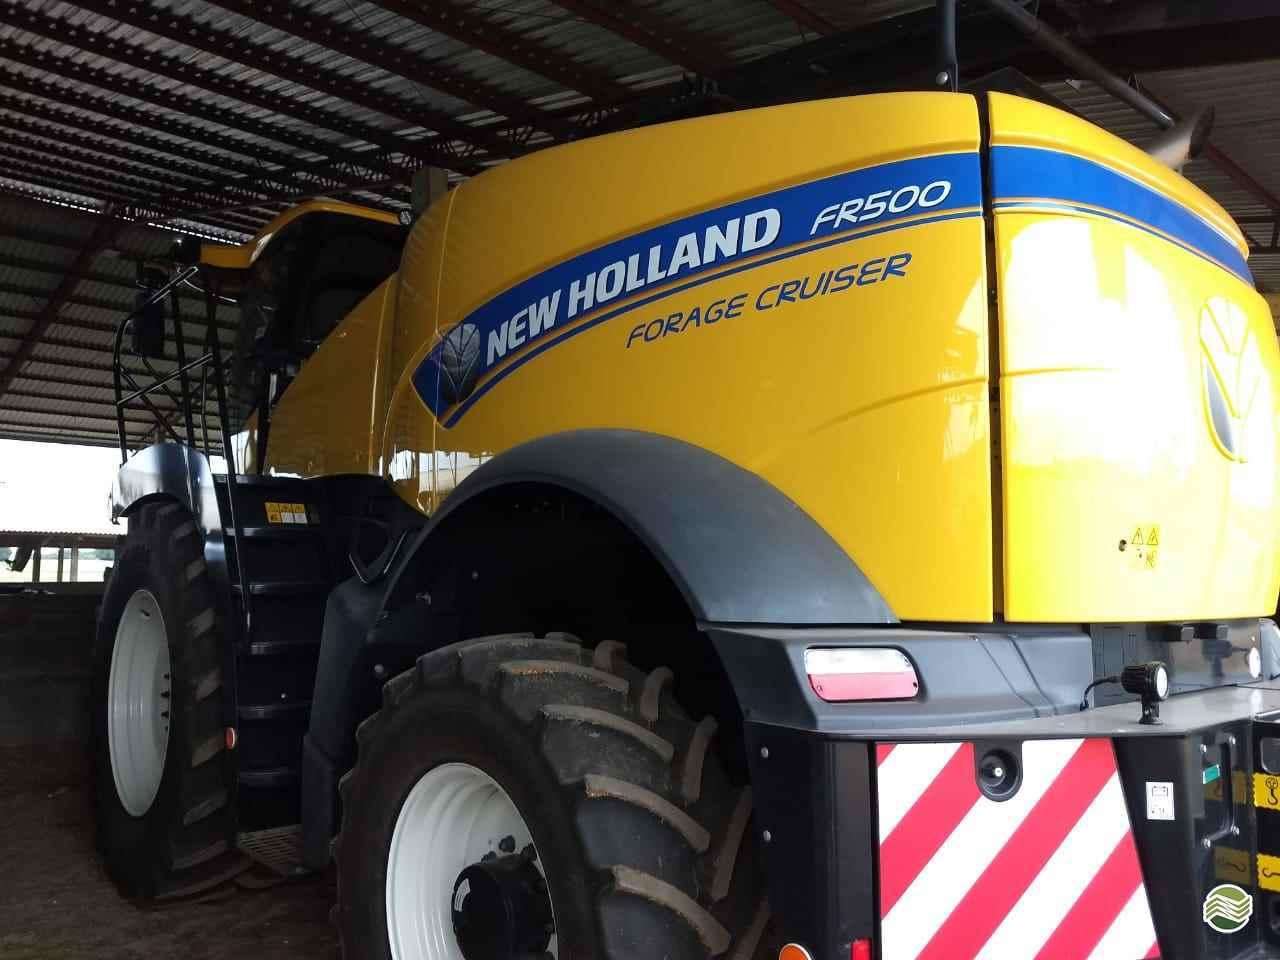 NEW HOLLAND FORRAGEIRA FR500  20 Pedrinho Tratores